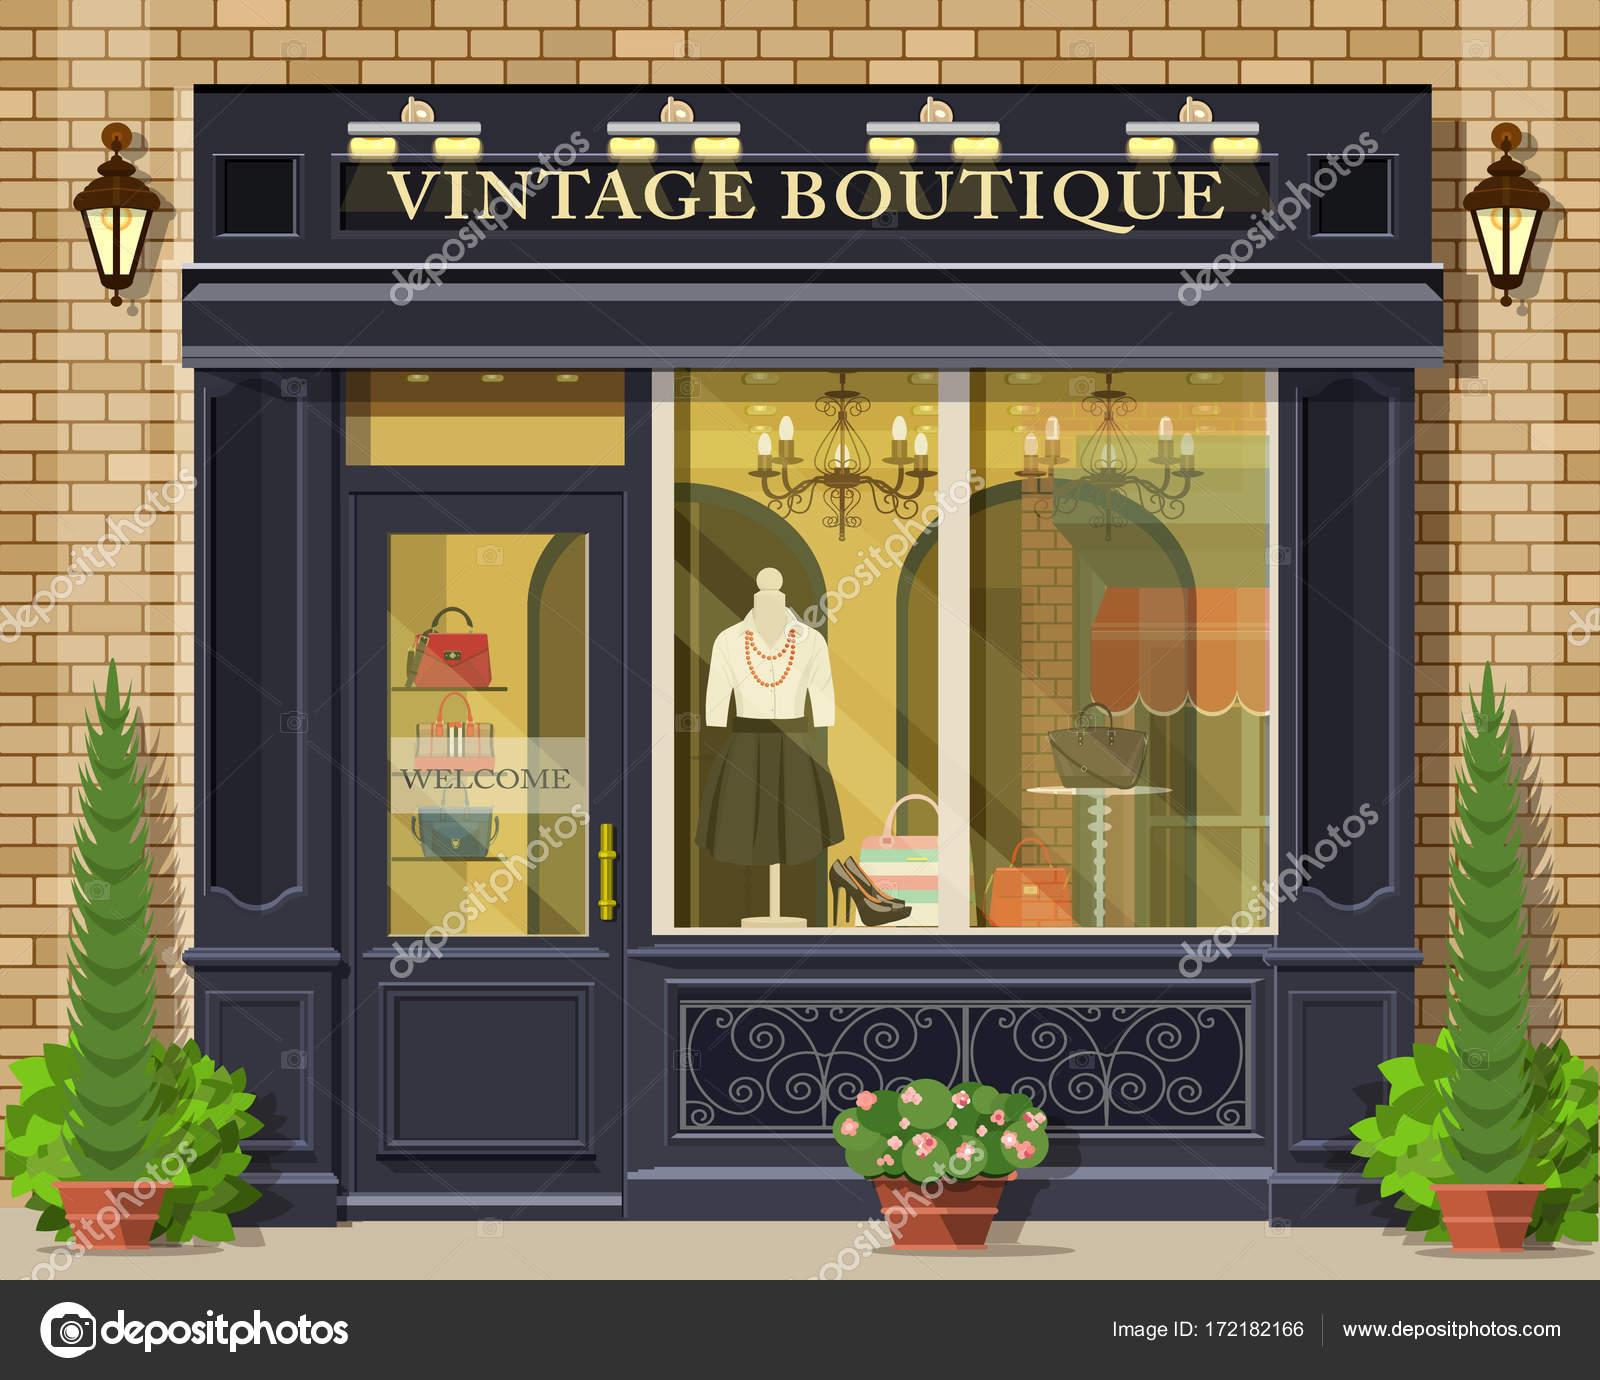 façade de boutique vintage vector design plat détaillée. extérieur